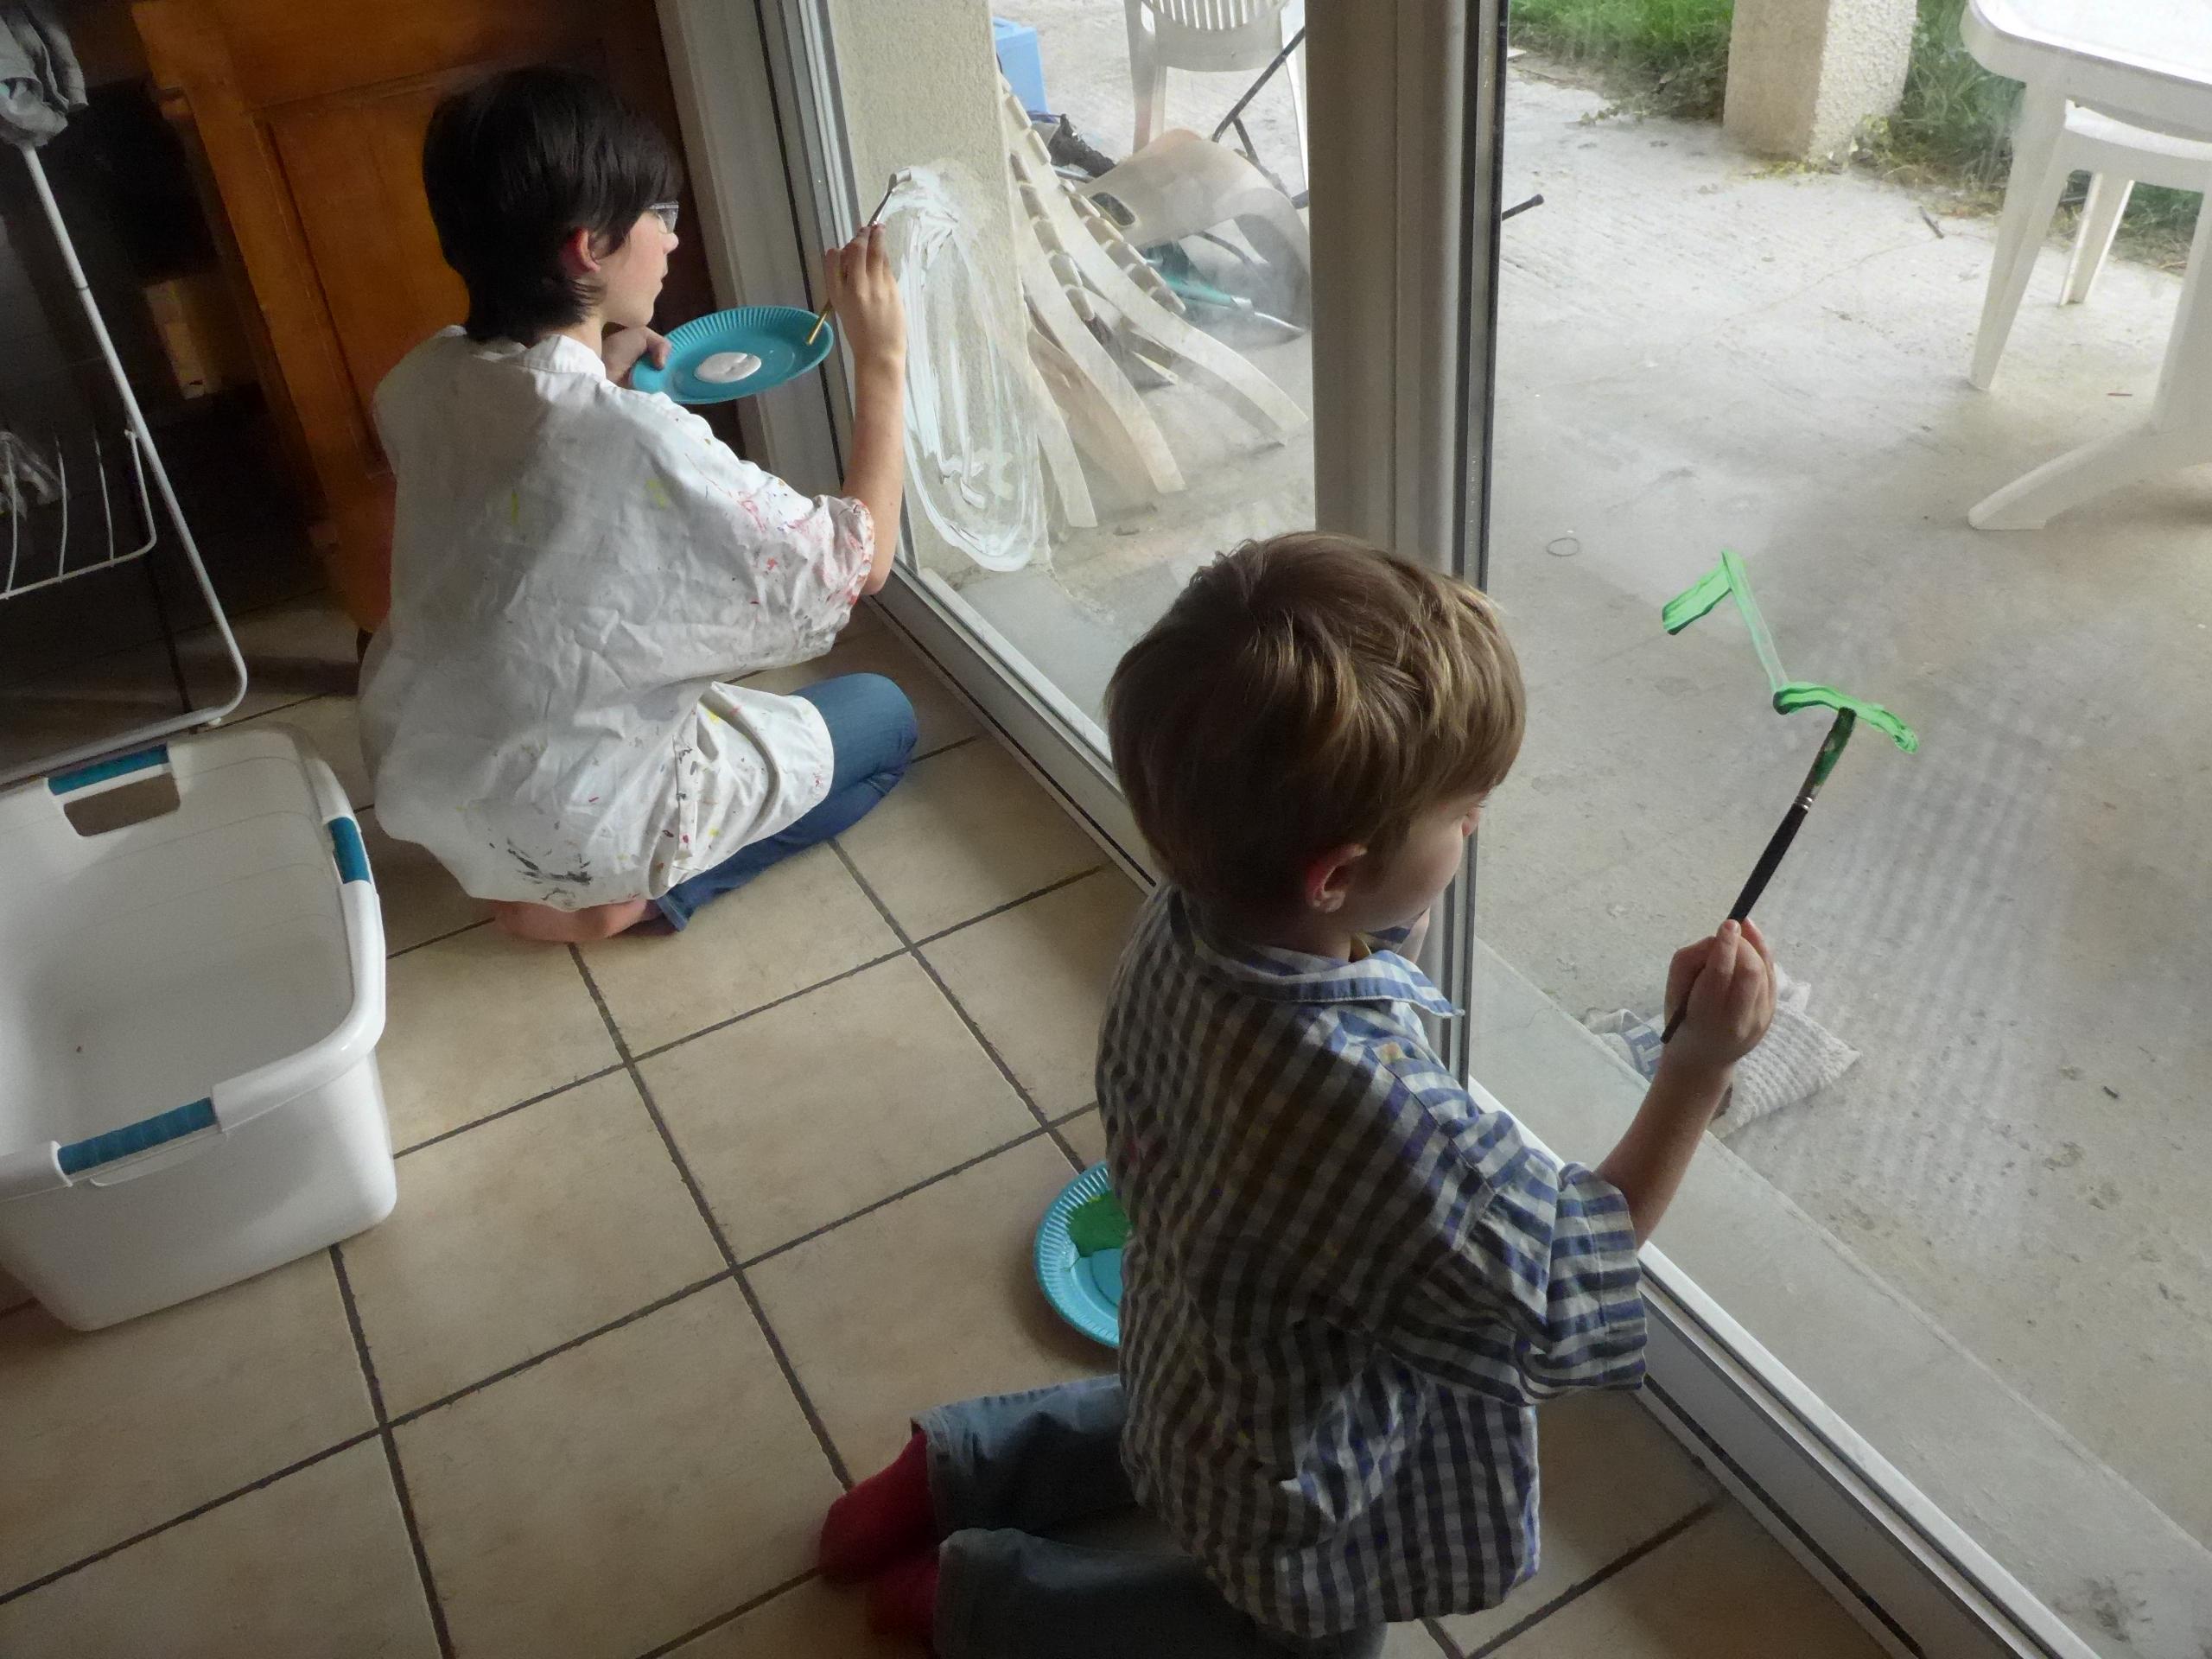 #5B4630 Peindre Sur Les Vitres Des Décors De Noël Activités à La  5491 décorations de noel pour vitres 2560x1920 px @ aertt.com